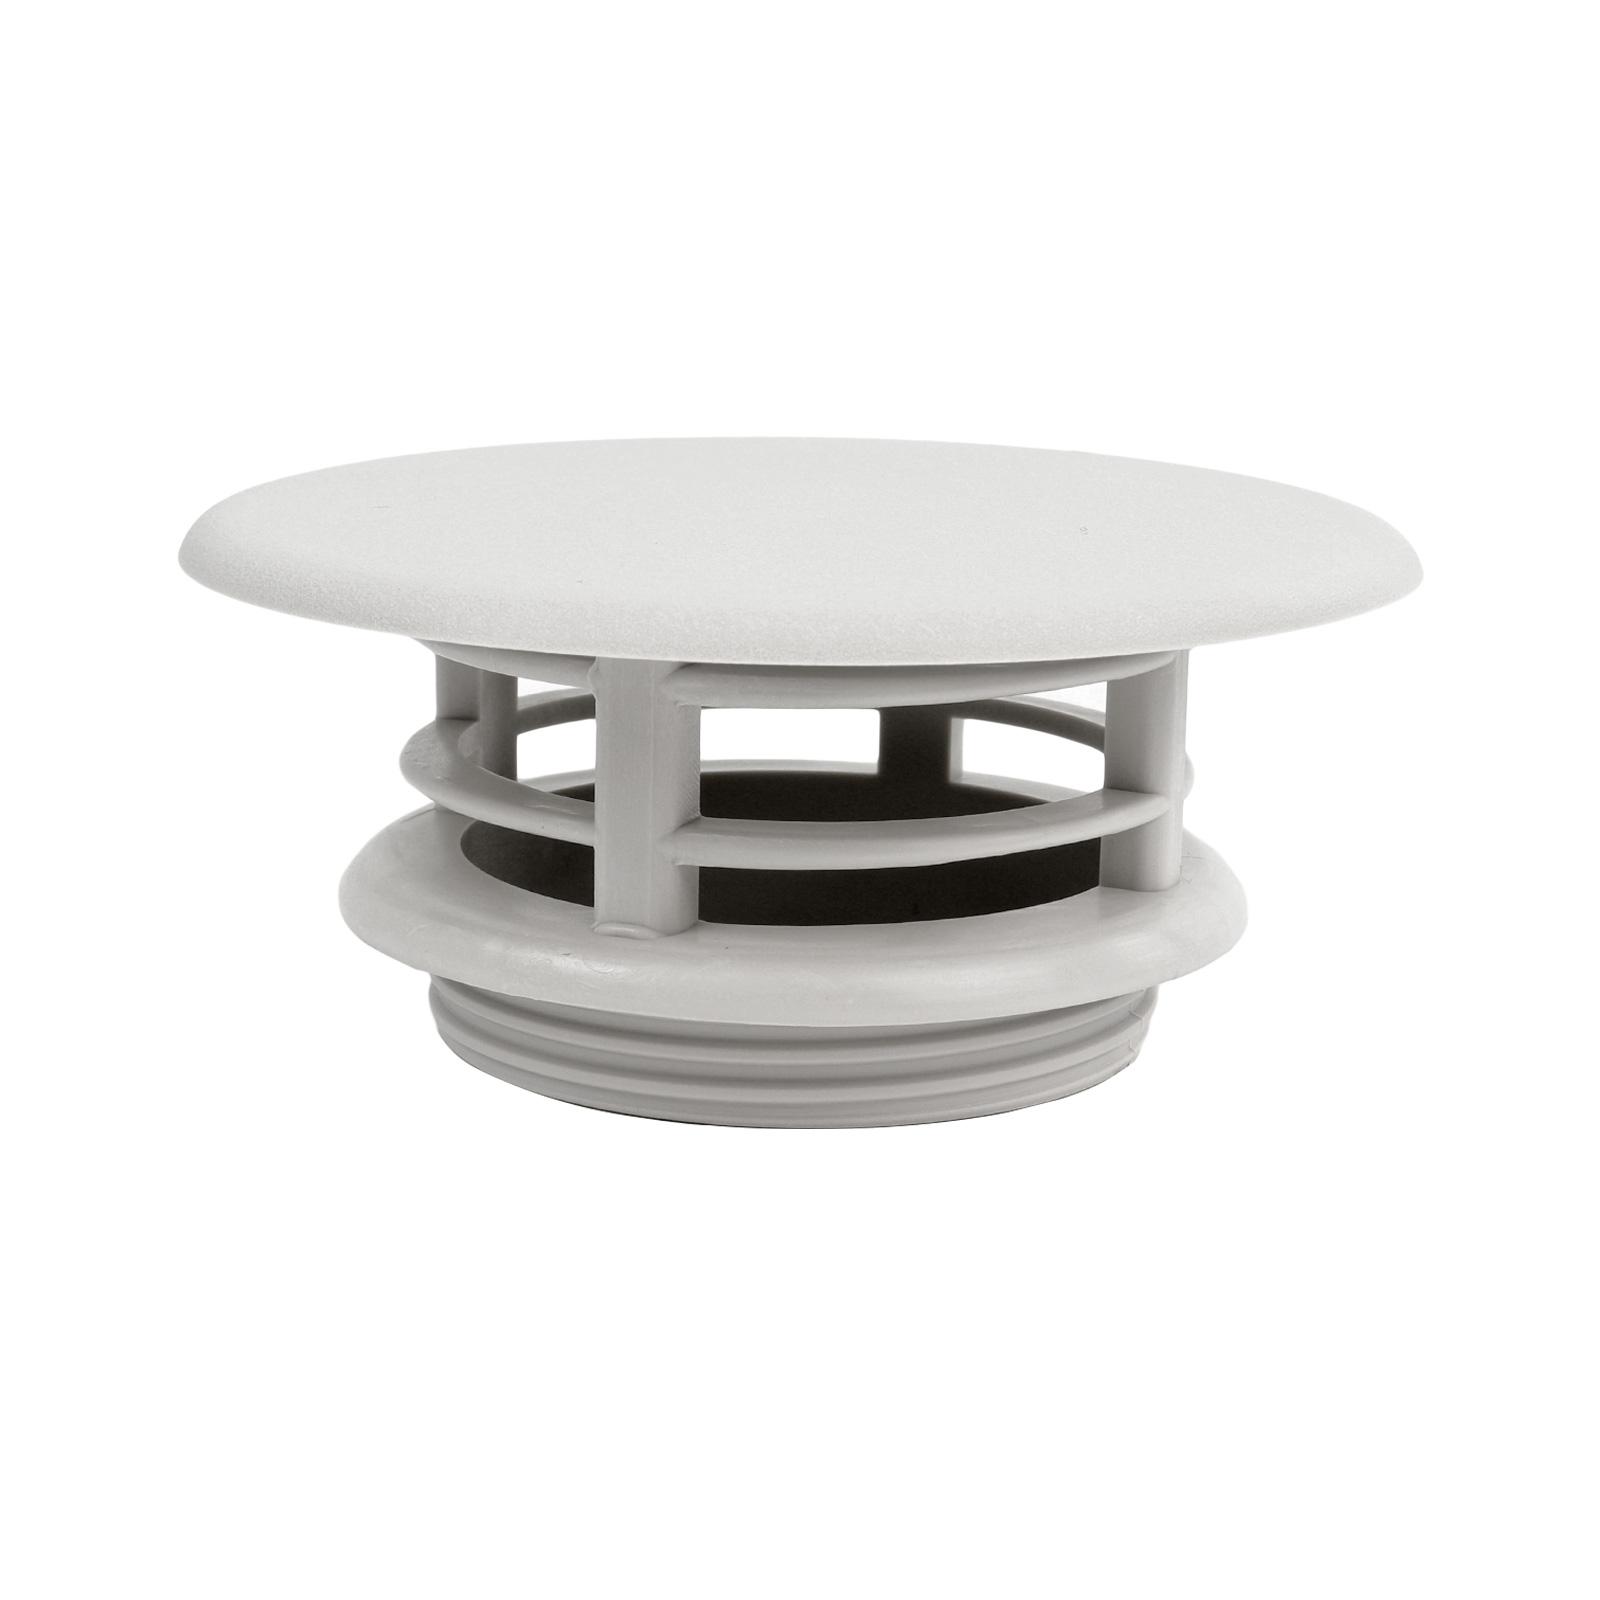 Abgaskamin Deckel   passend für Truma  Kamine   für Heizungen   Abzugshauben